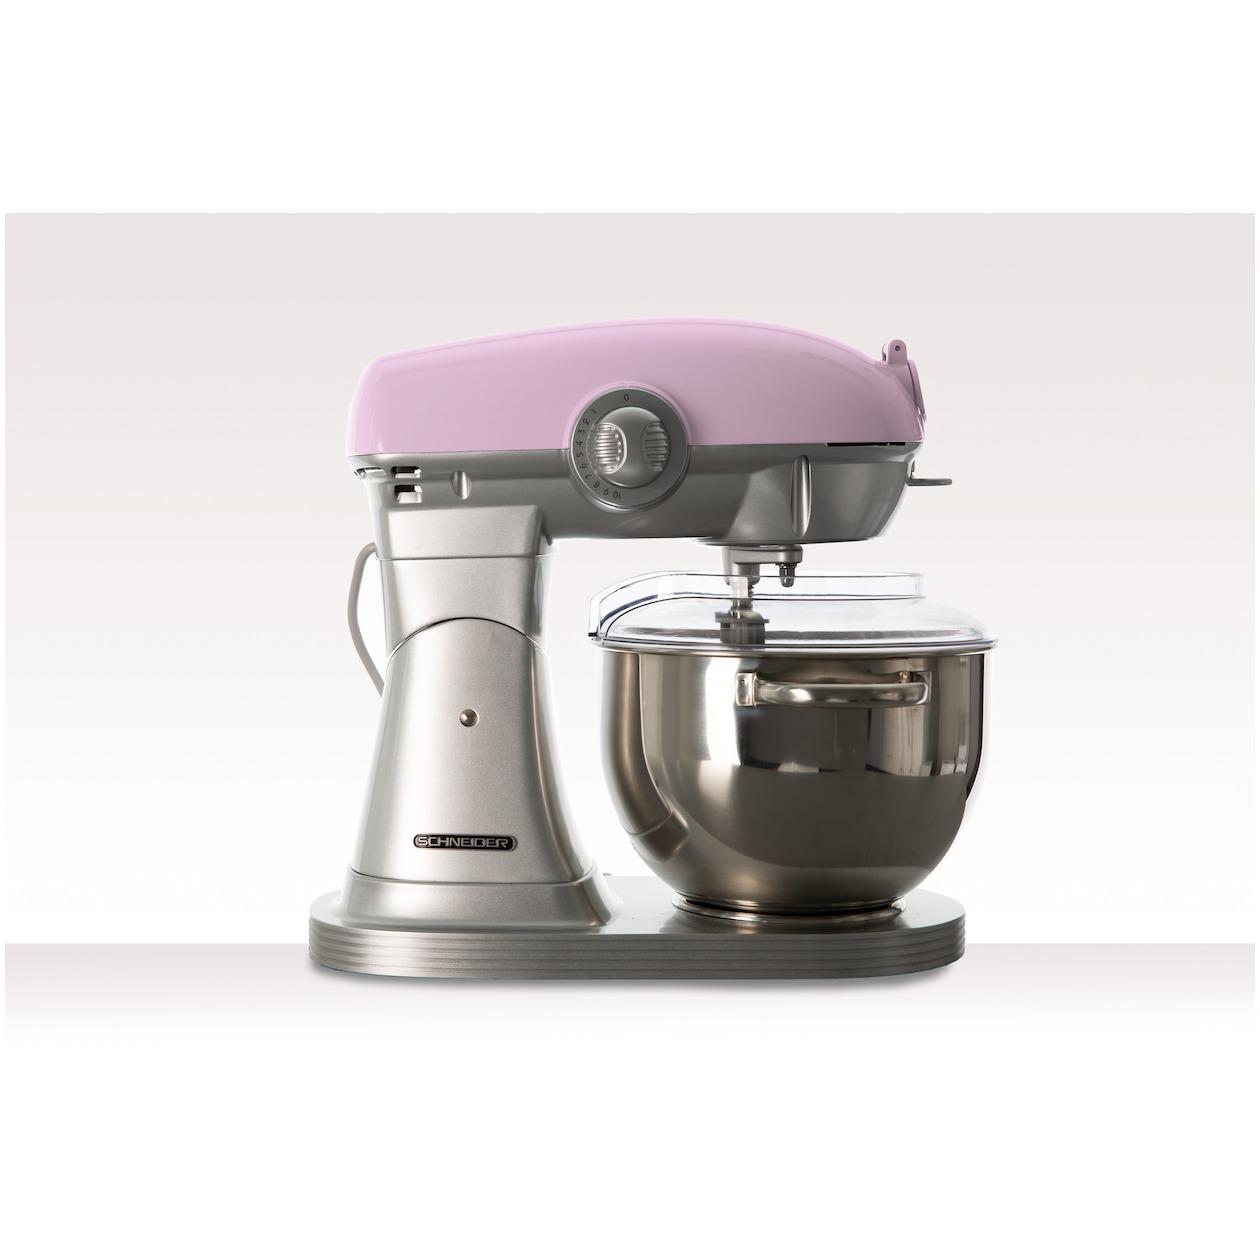 Schneider keukenmachine SCFP57PK roze - Prijsvergelijk